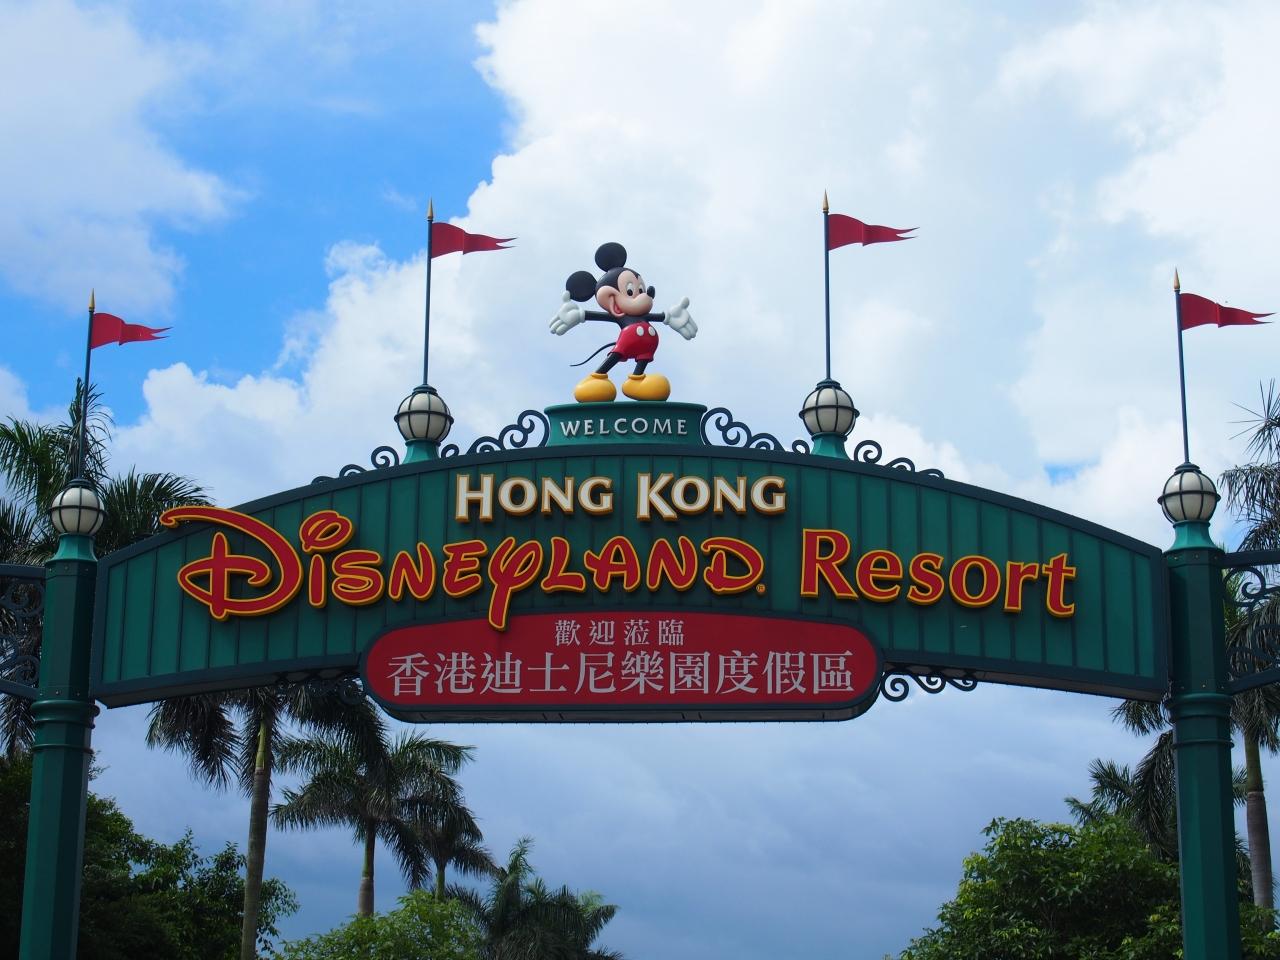 香港ディズニーランドへ行って来たー!その1』香港(香港)の旅行記